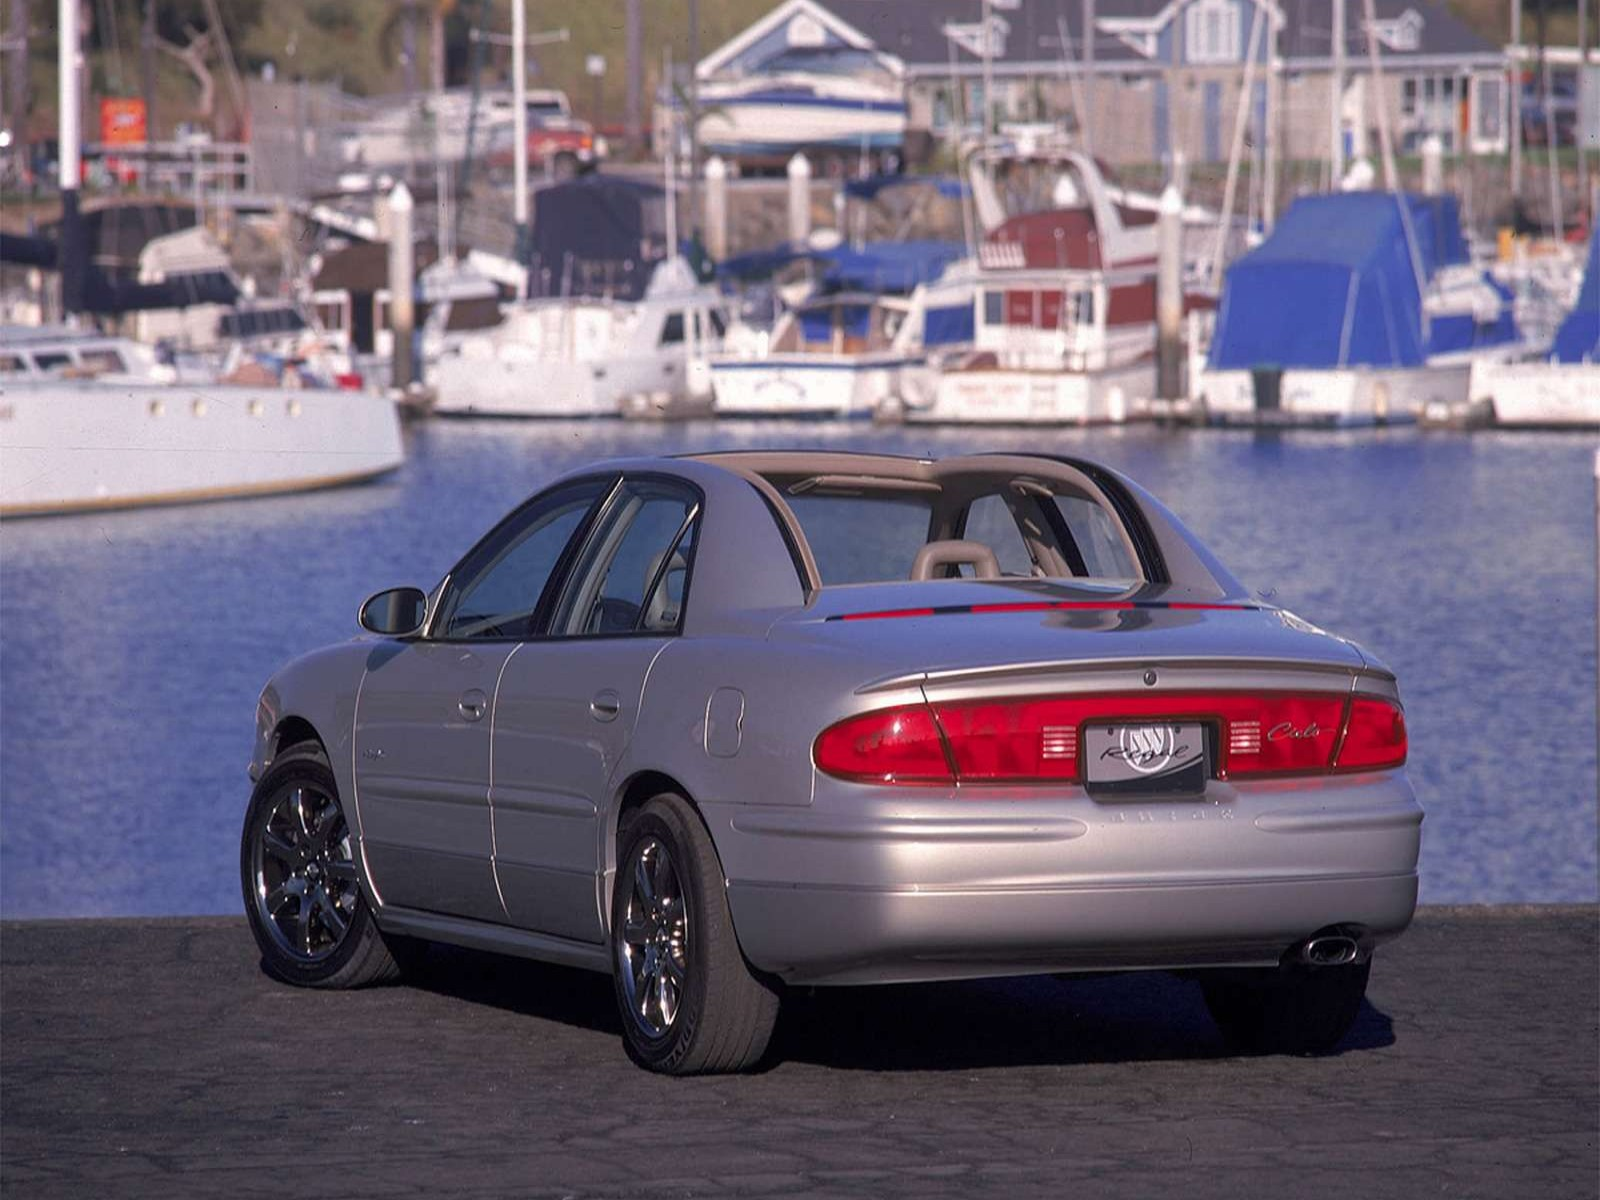 http://2.bp.blogspot.com/-Klo7L6LfQ-s/TqHCkC7B7LI/AAAAAAAAARI/d-kuccpLmYA/s1600/Buick+Regal+Cielo+Concept+2000+04.jpg